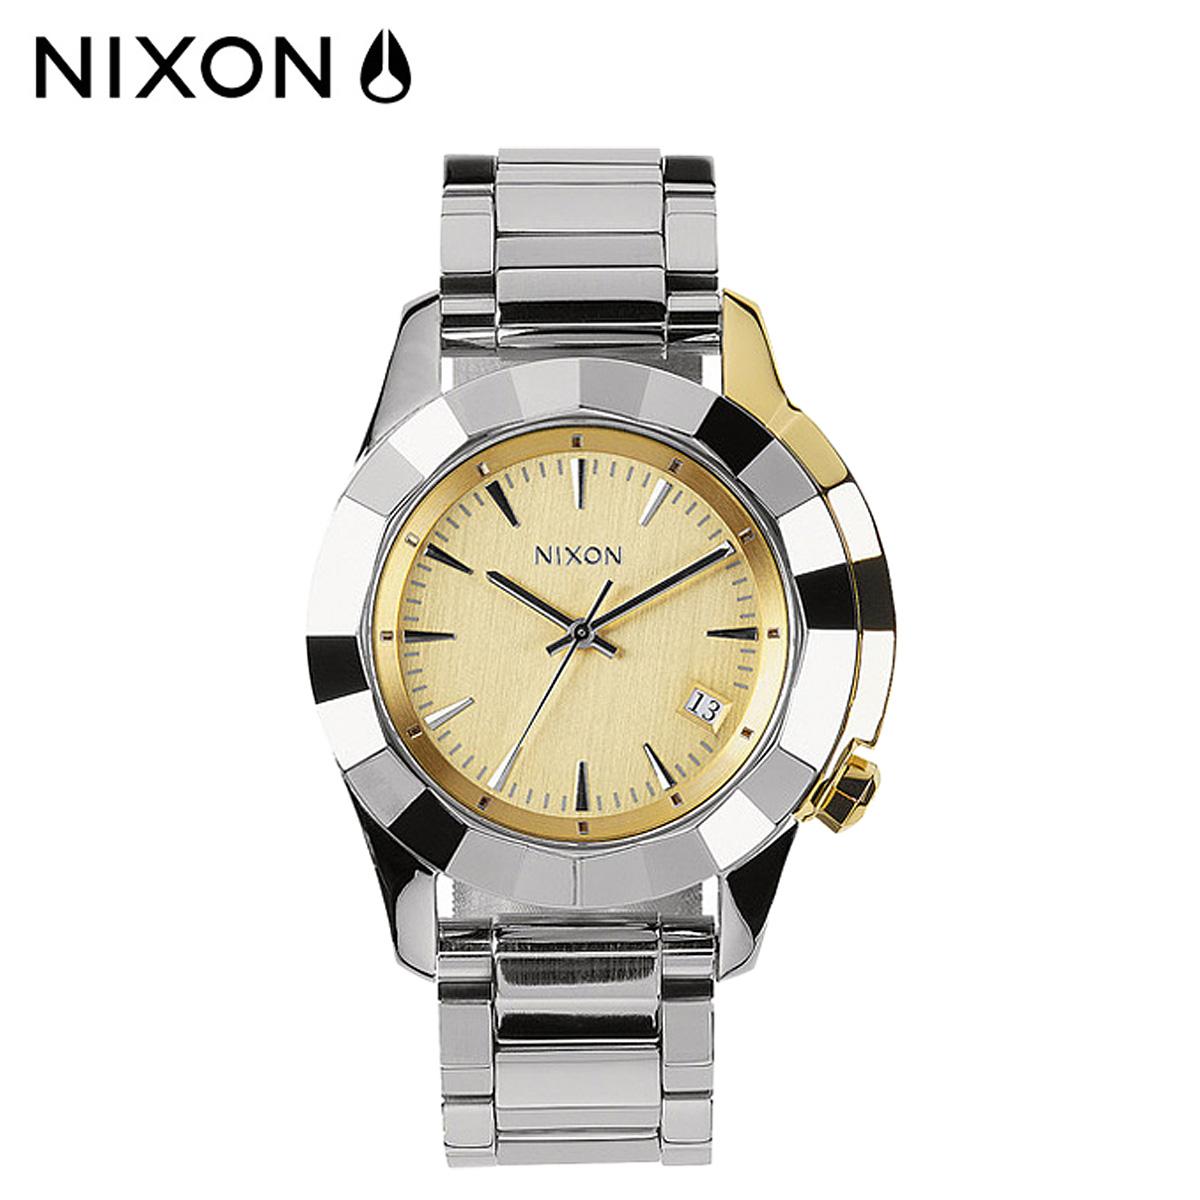 【最大2000円OFFクーポン】 ニクソン NIXON 腕時計 時計 38mm A288 MONARCH メンズ レディース